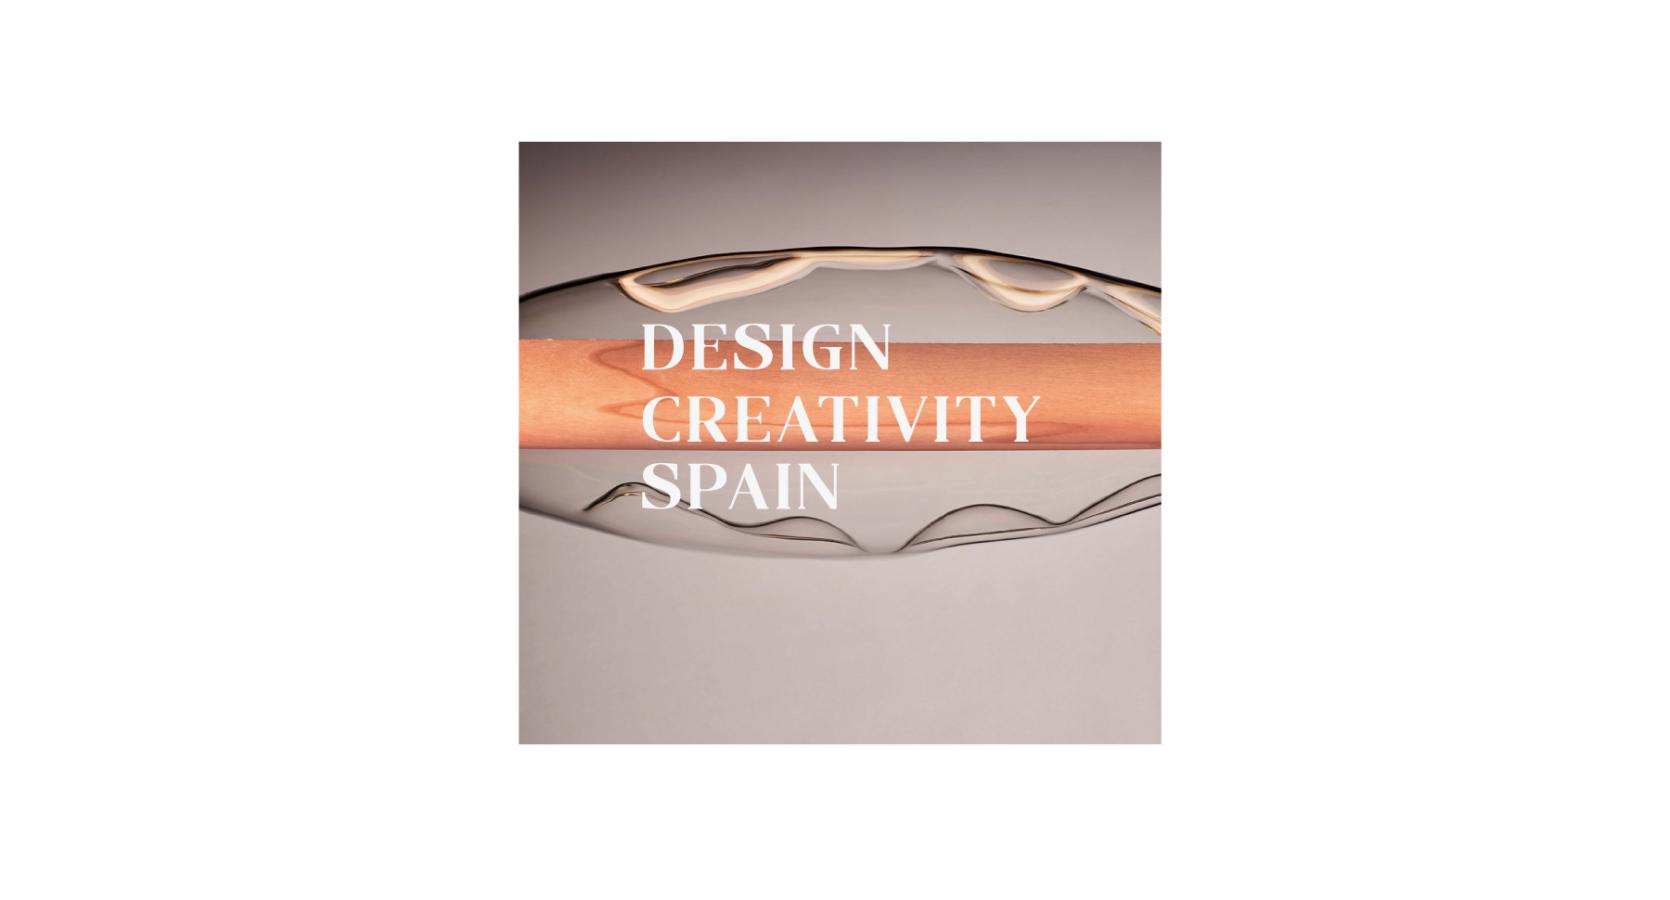 Caotics_Diseno_espanol_creatividad